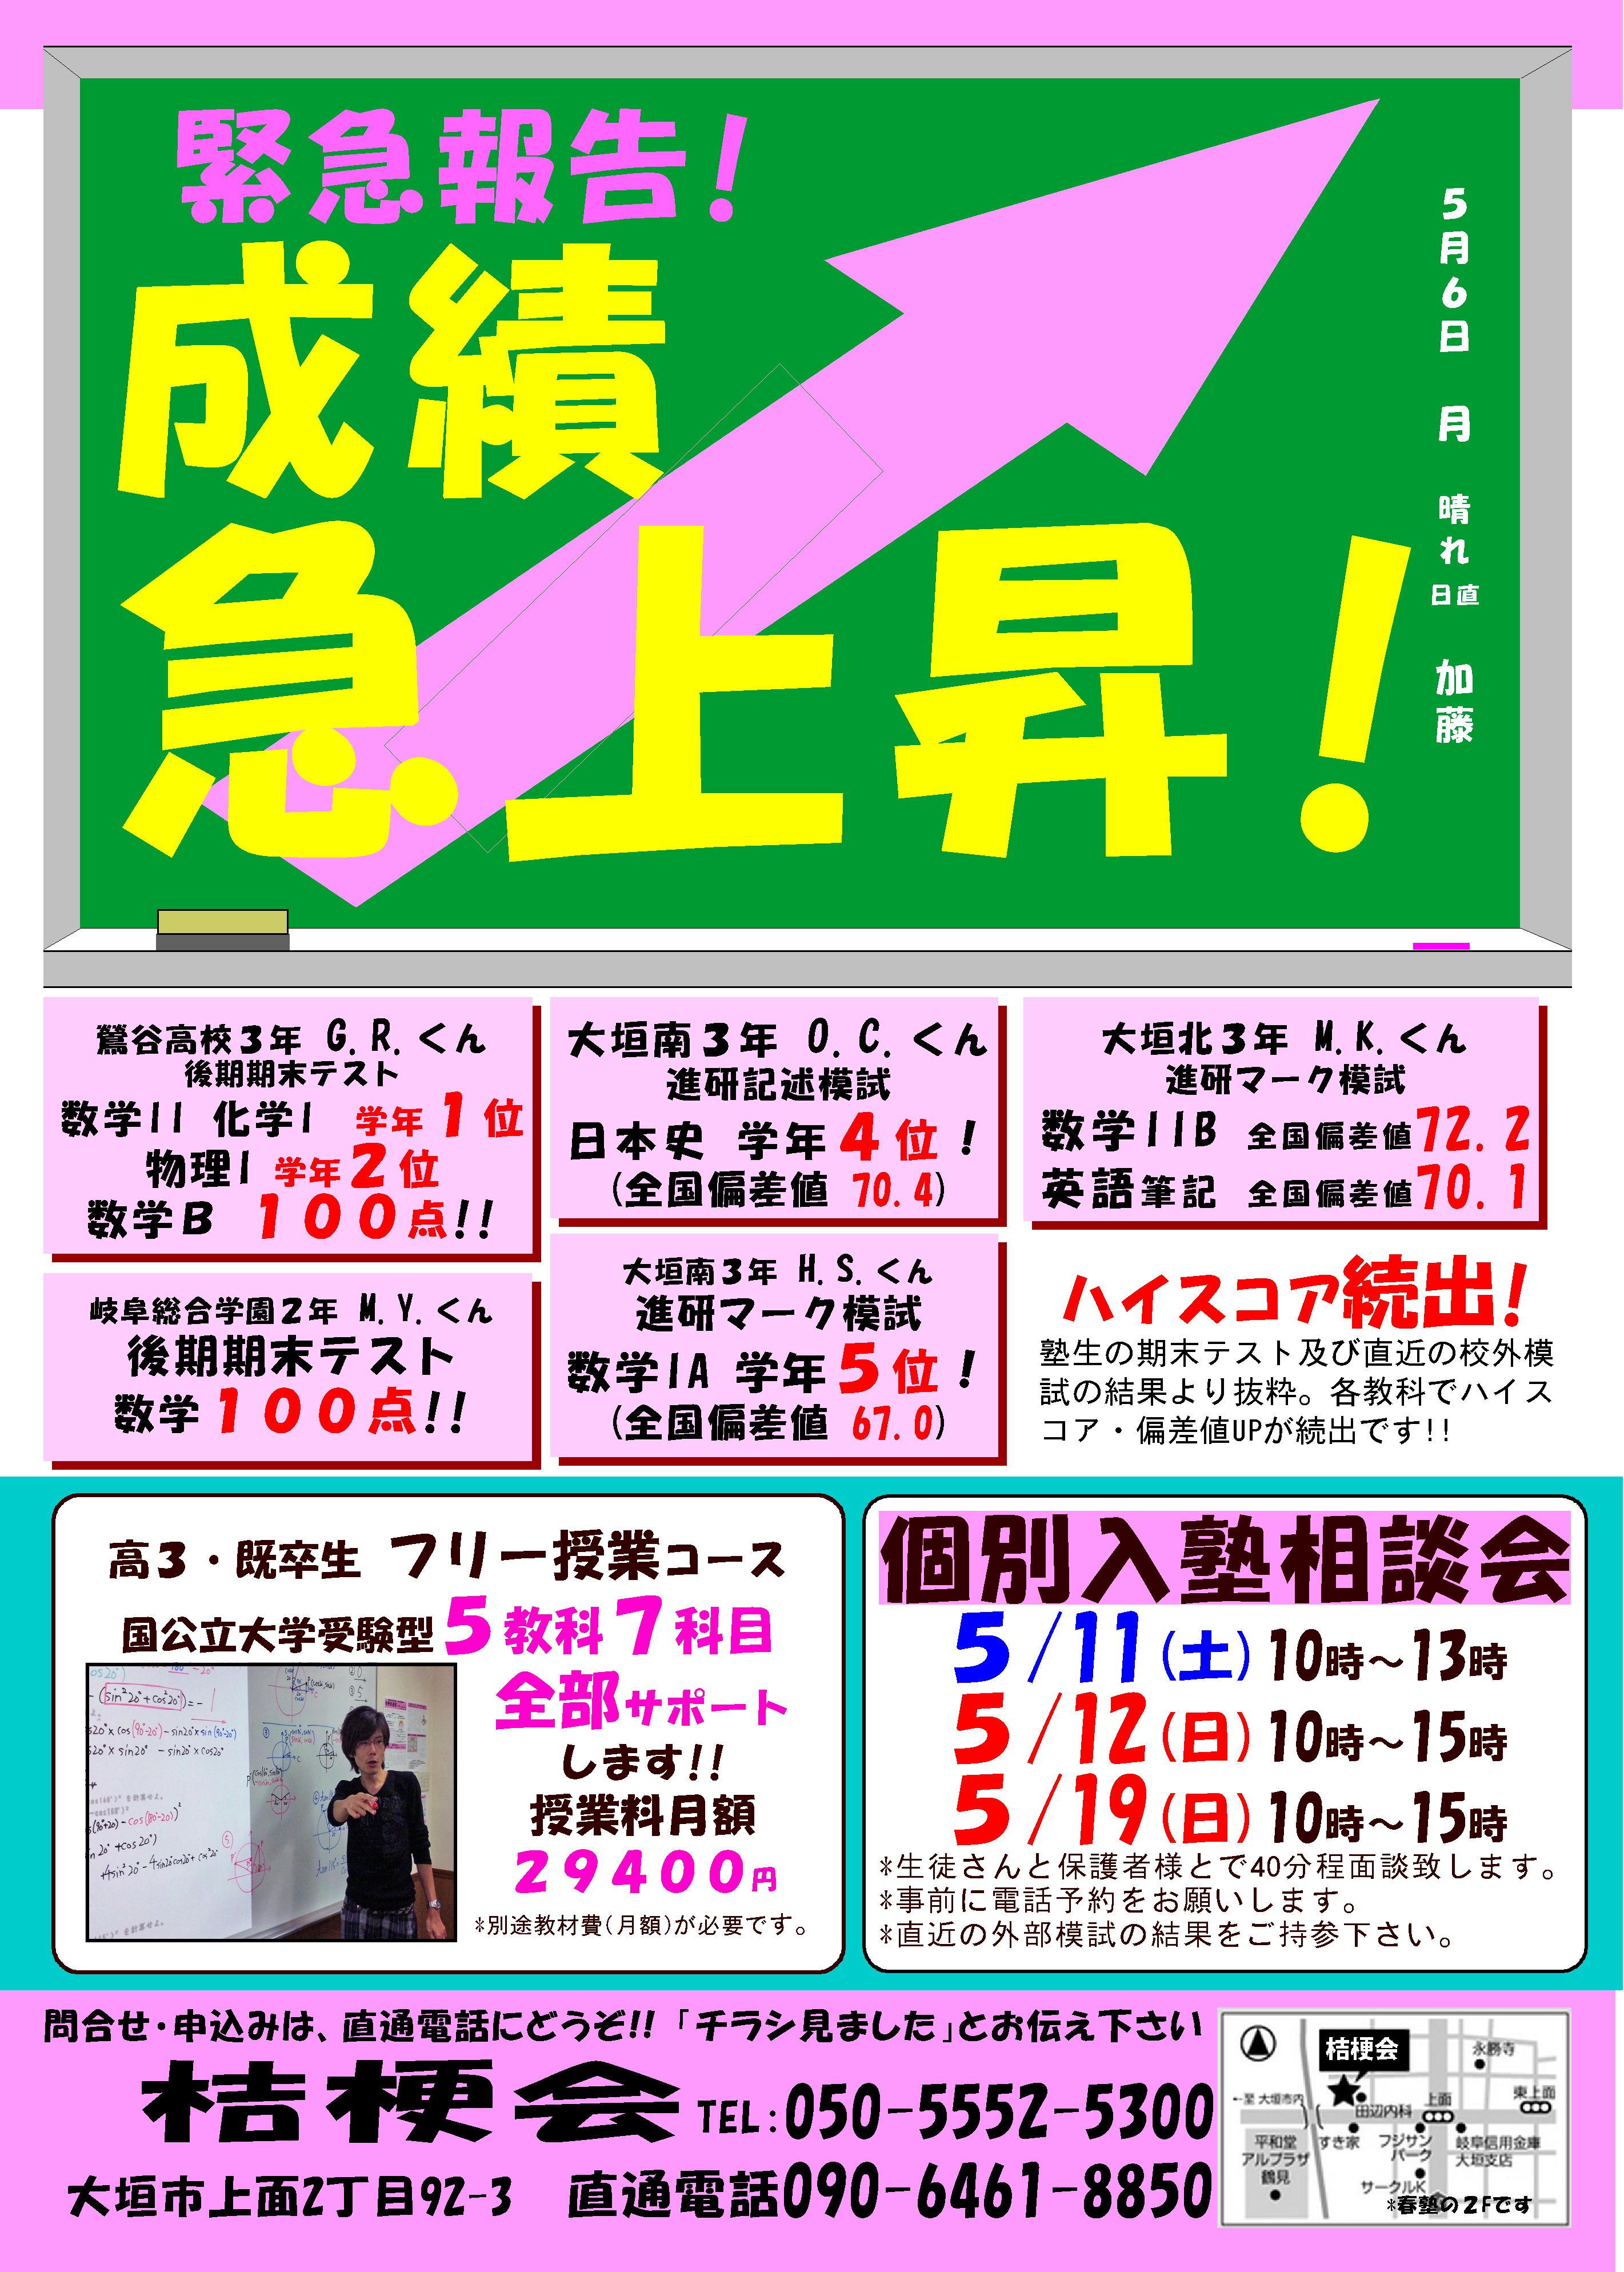 桔梗会チラシ20130506